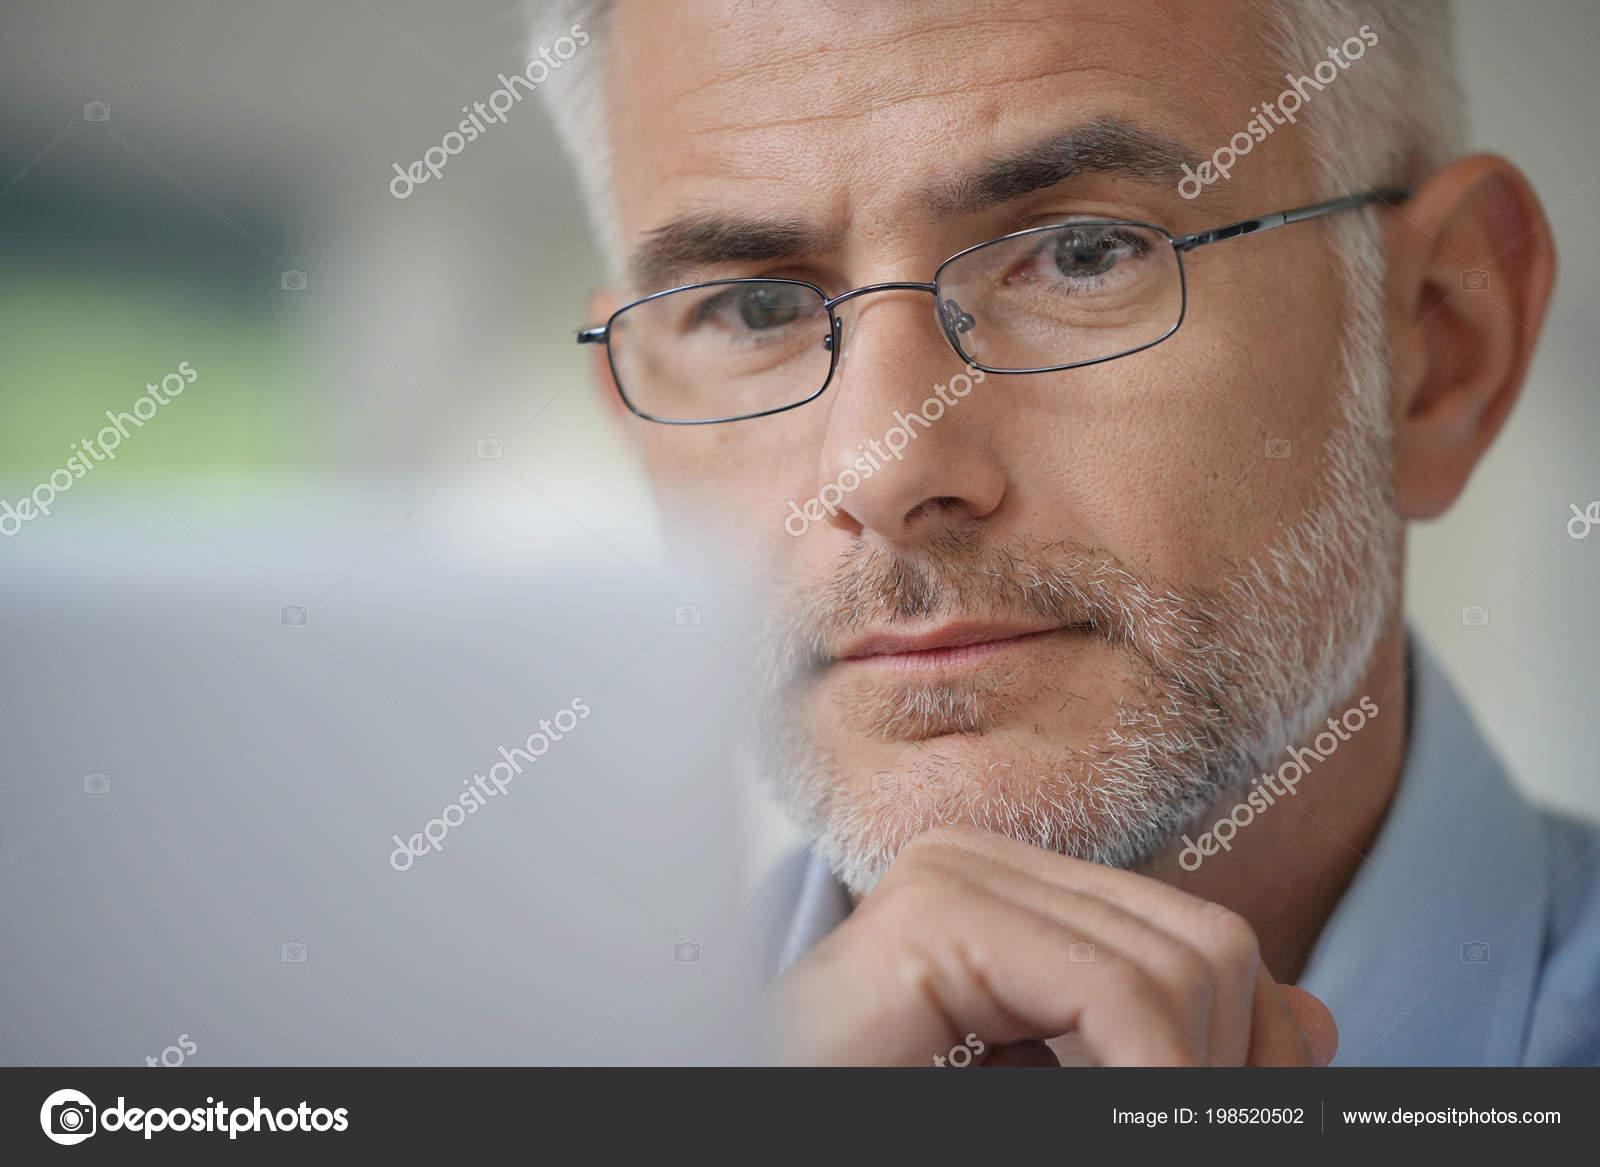 Porträt Von Mittlerem Alter Mann Mit Brille Und Graue Haare